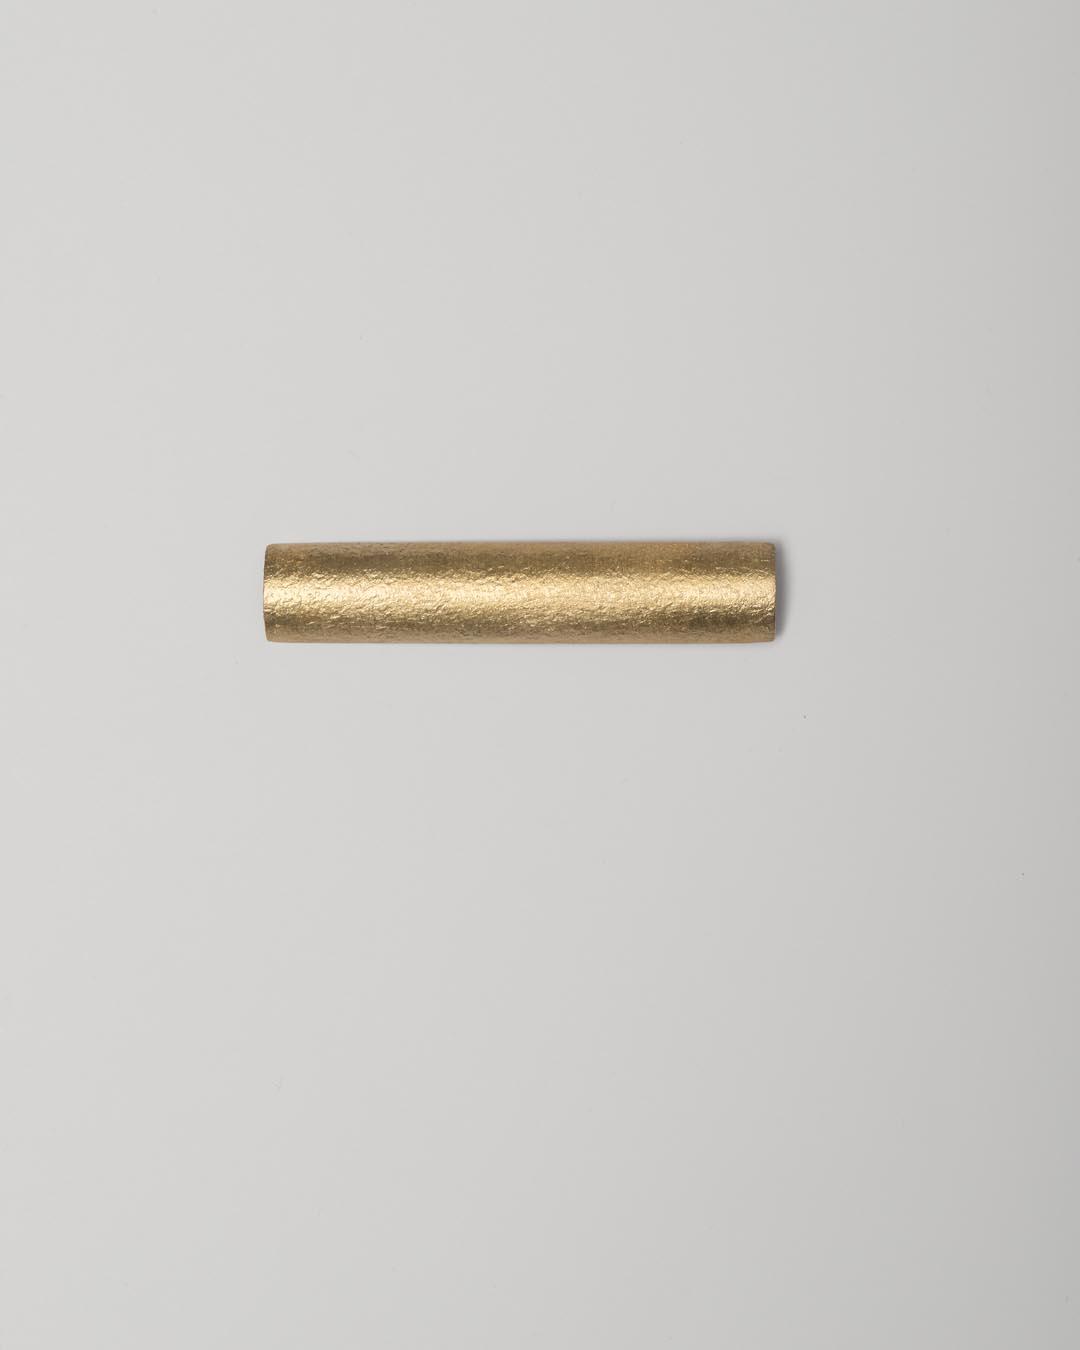 Yasuki Hiramatsu, untitled, brooch; gold-plated silver, 14 x 72 x 4.5 mm, €750